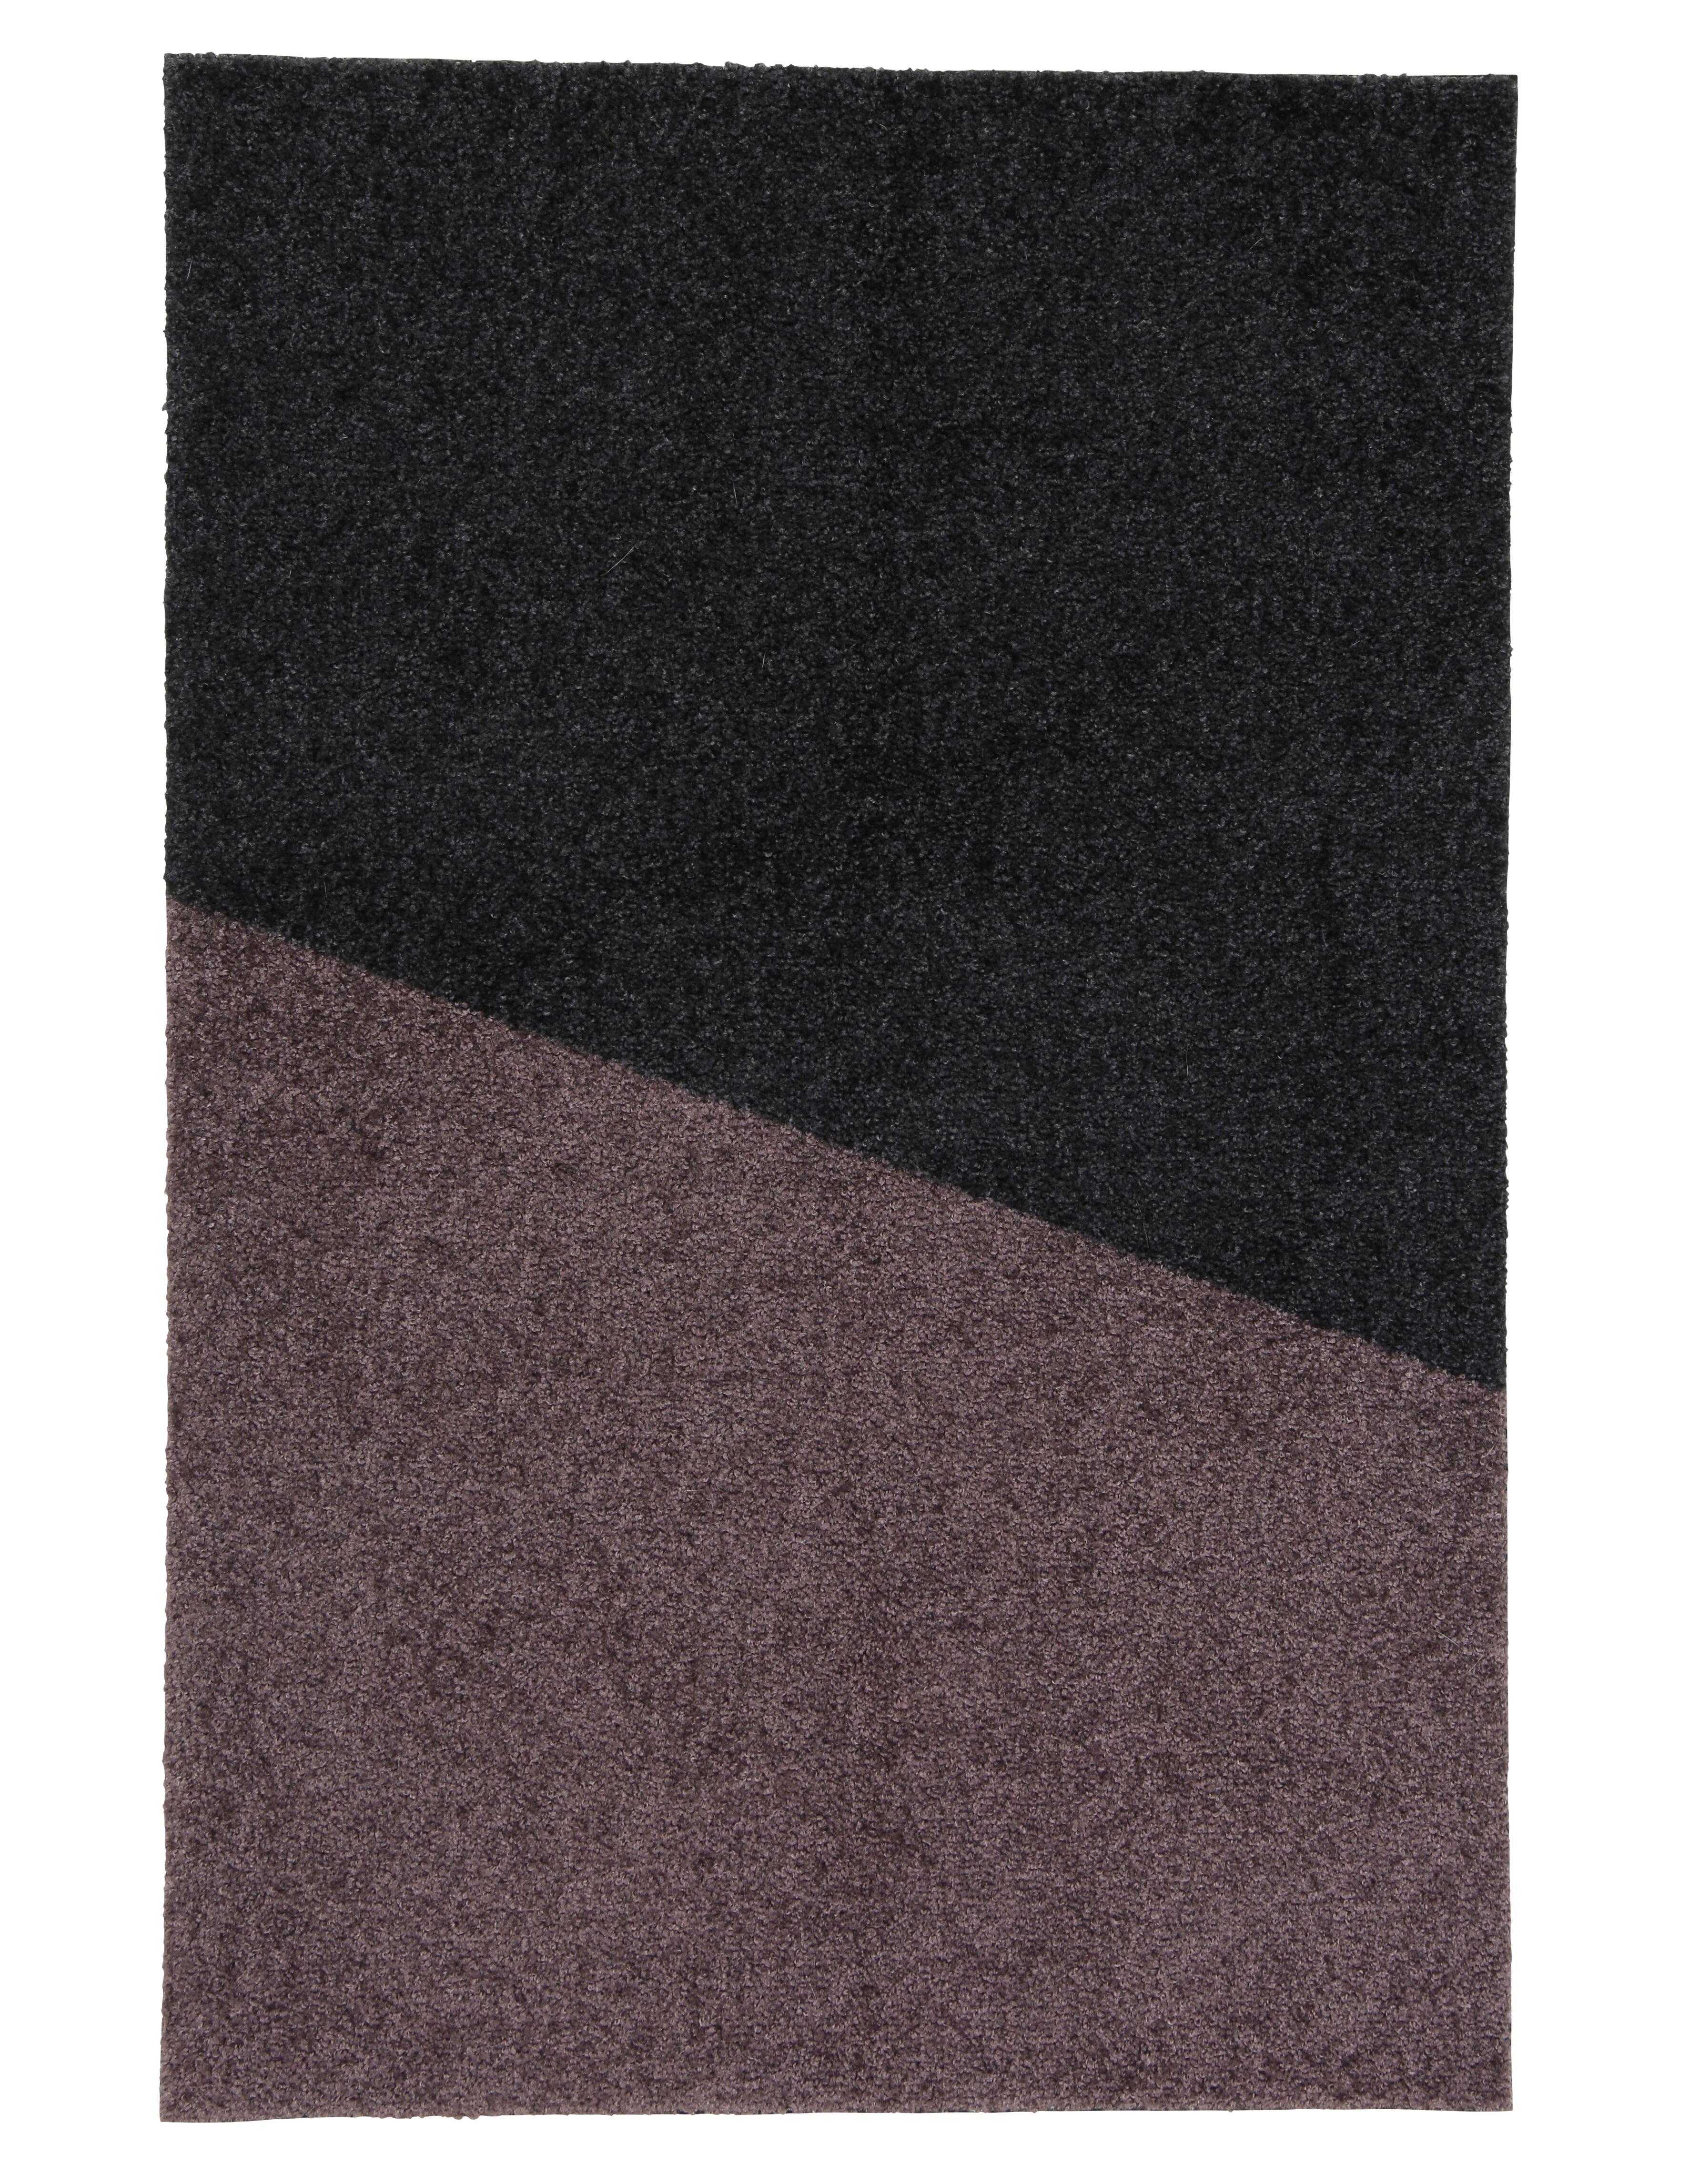 Mette Ditmer Duet gulvmåtte, 70x150 m, lilla